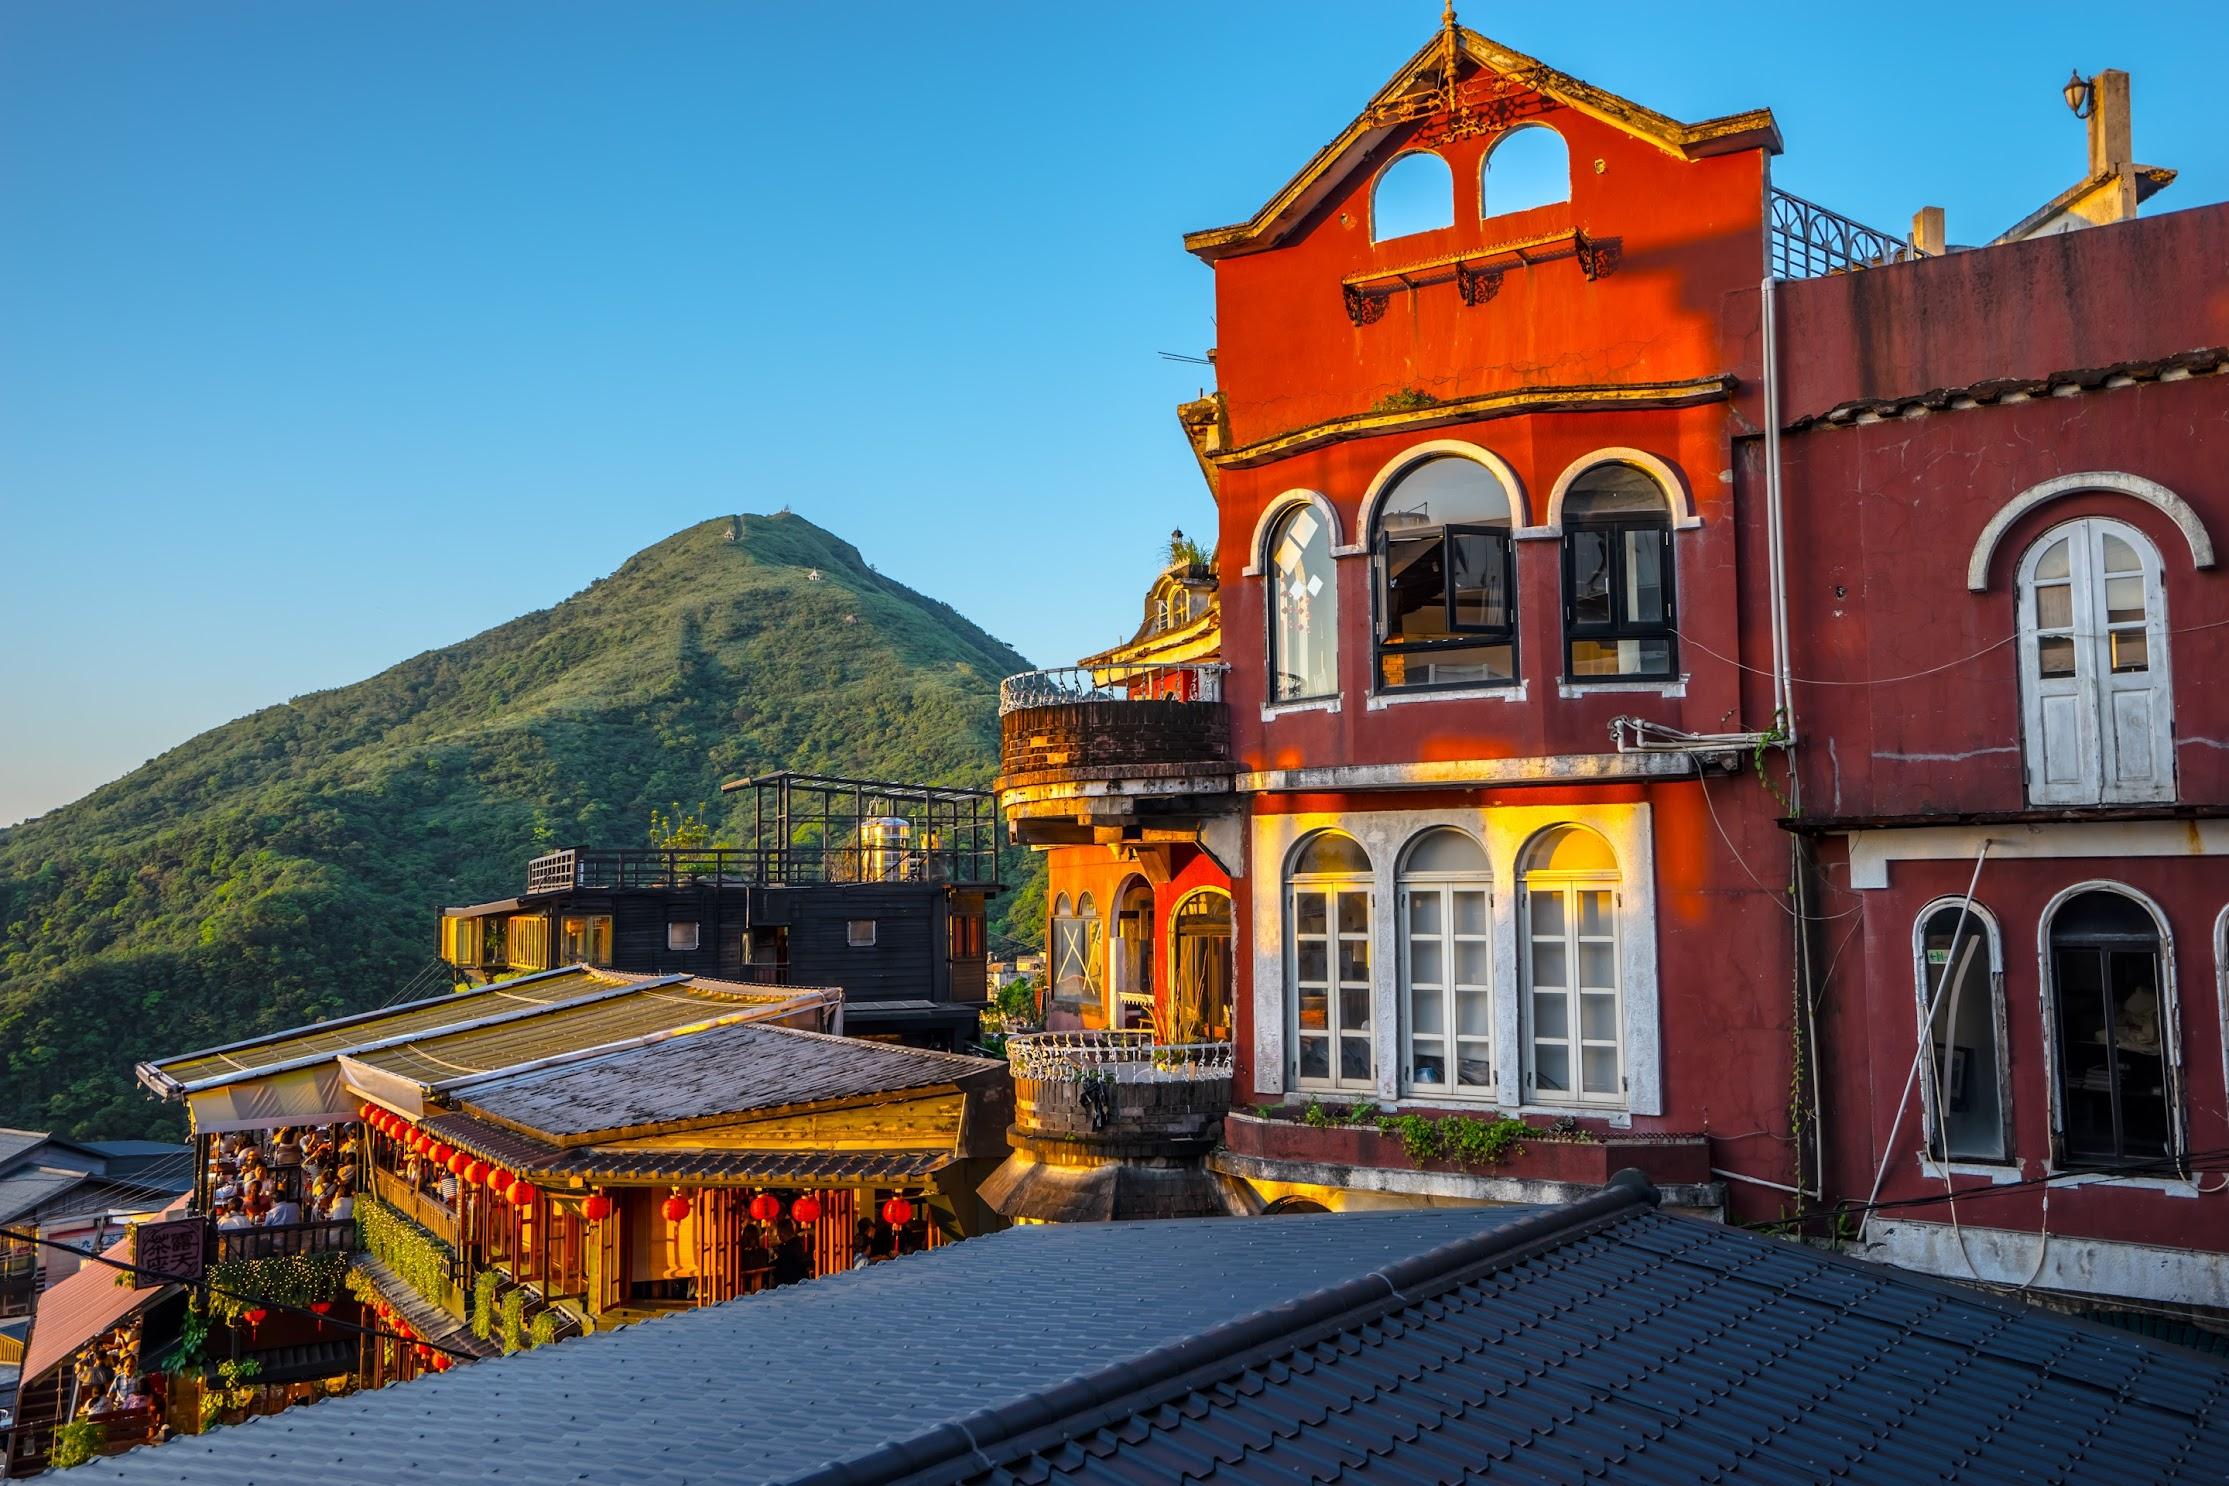 Jiufen Jioufen Teahouse patio